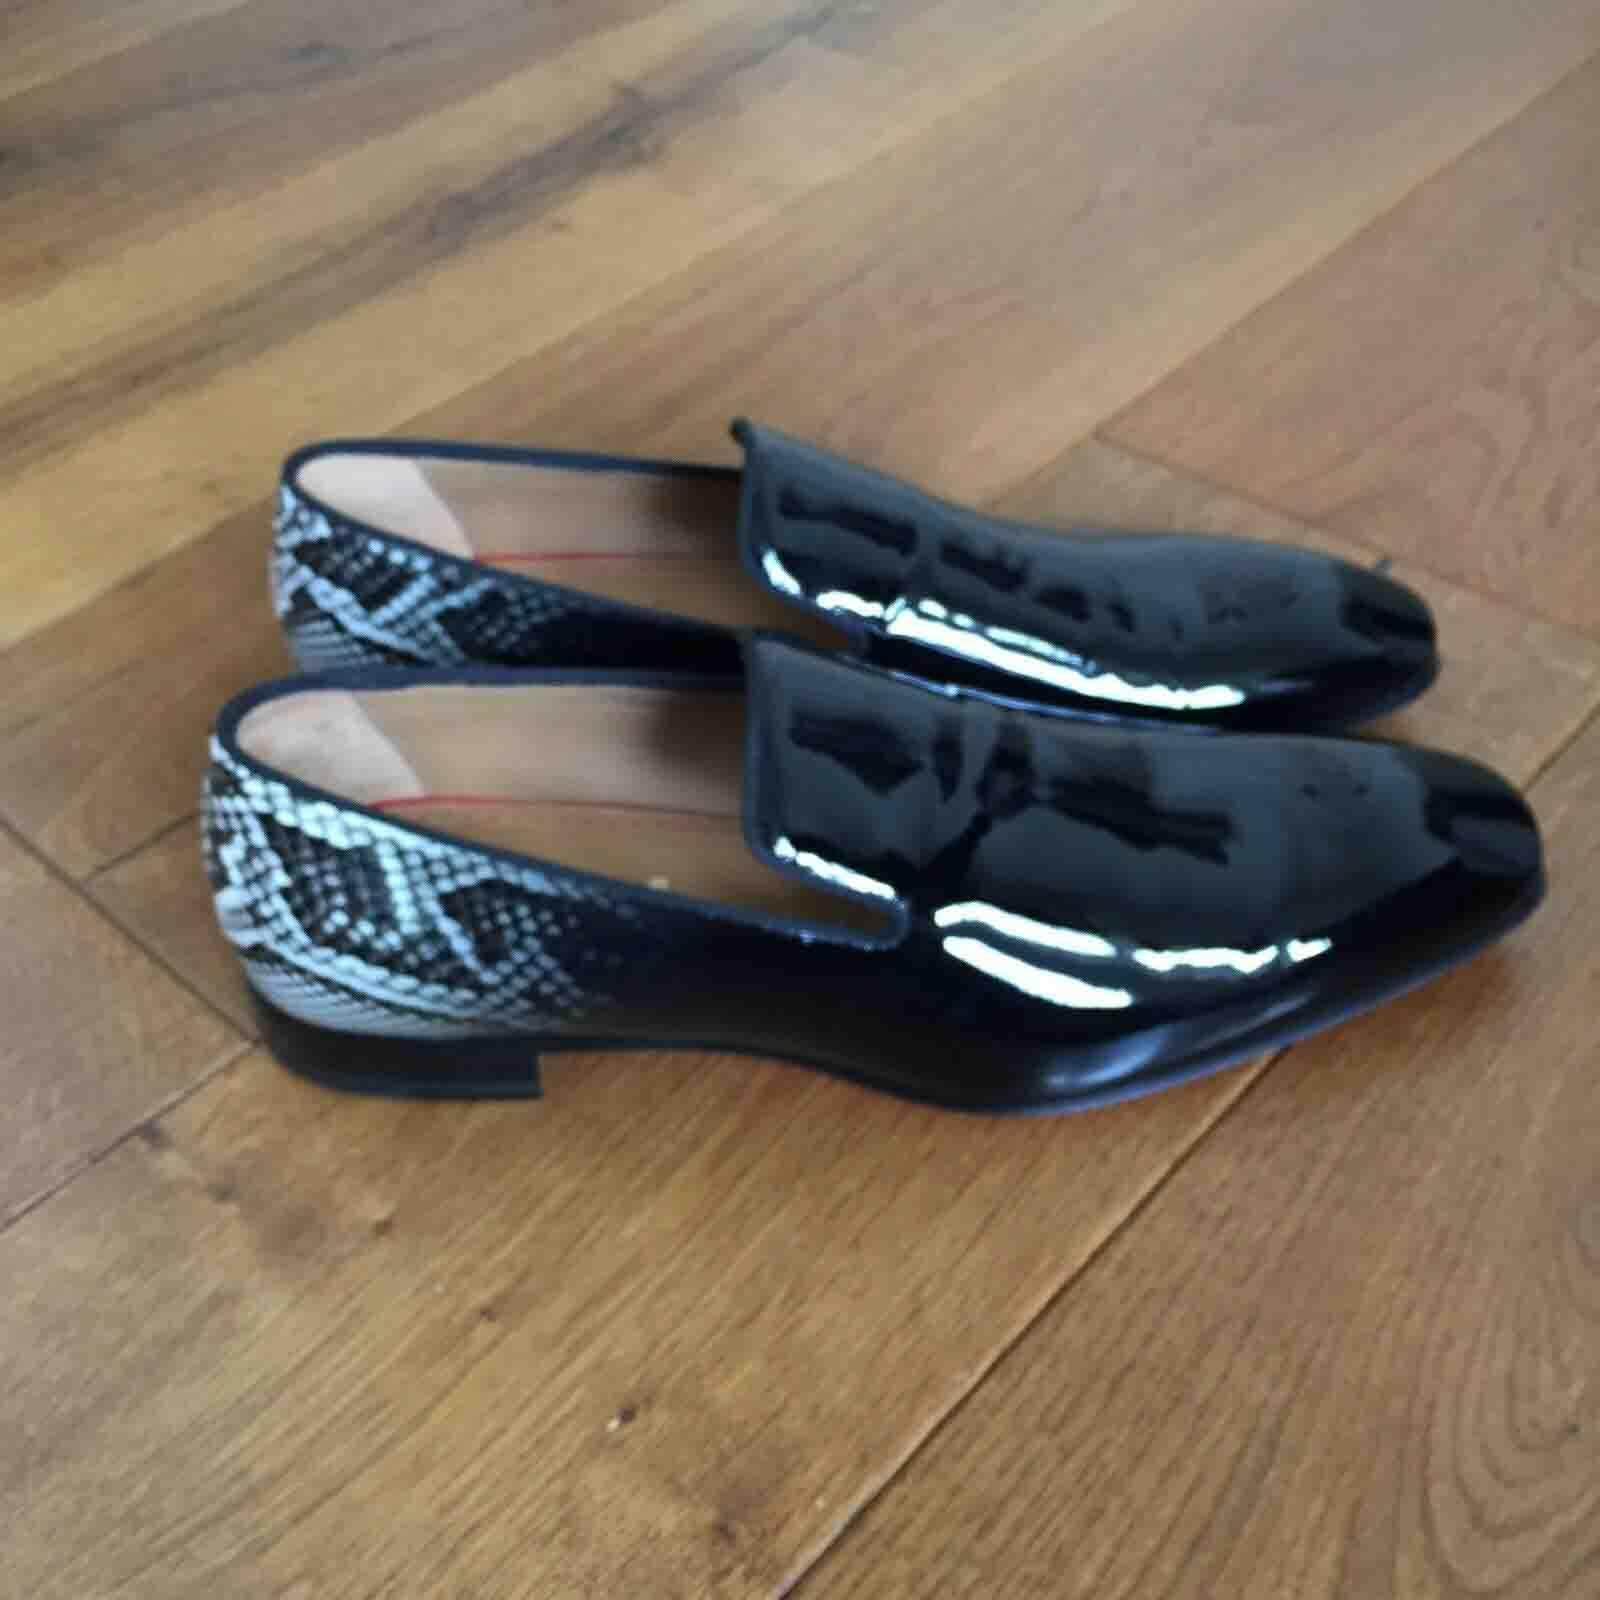 Италия Дизайн бренда (красный нижний) мужские платье обувь Печать Python патентная кожа ухудшает мокасины мужские черные оксфорды плоские шипы обувь с коробками